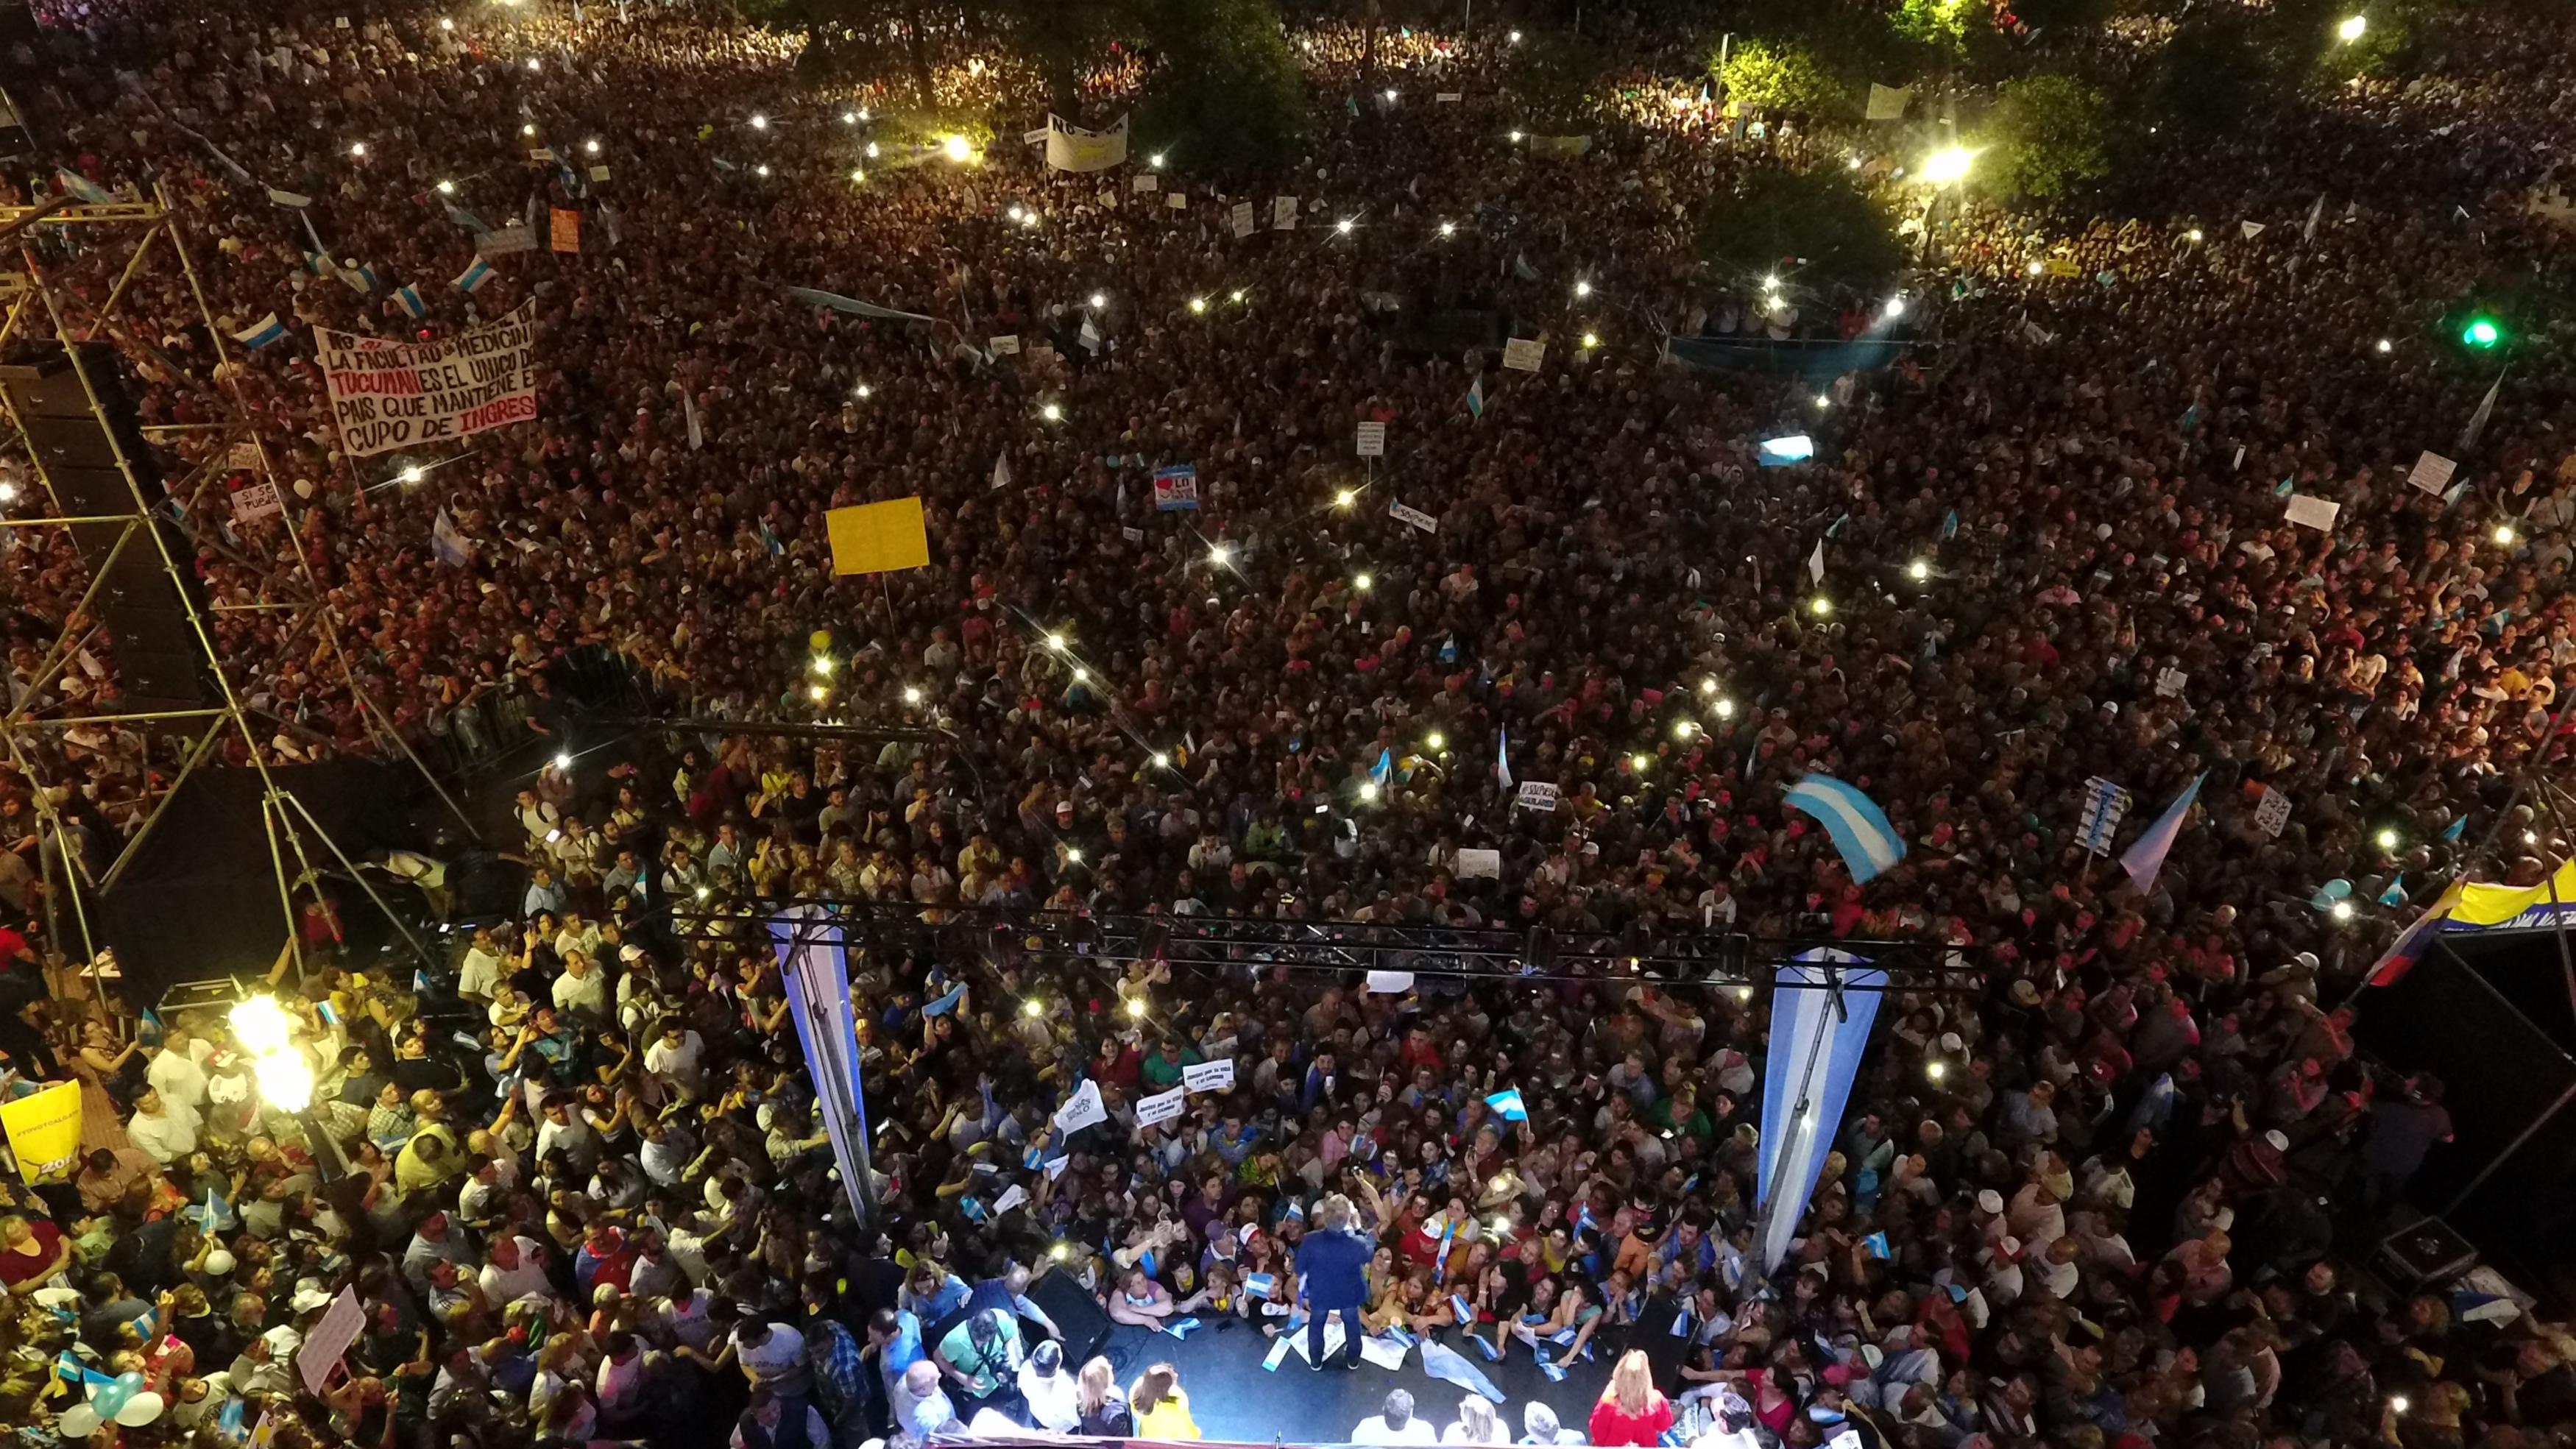 Multitudinaria marcha en Tucumán en apoyo al Presidente Macri.